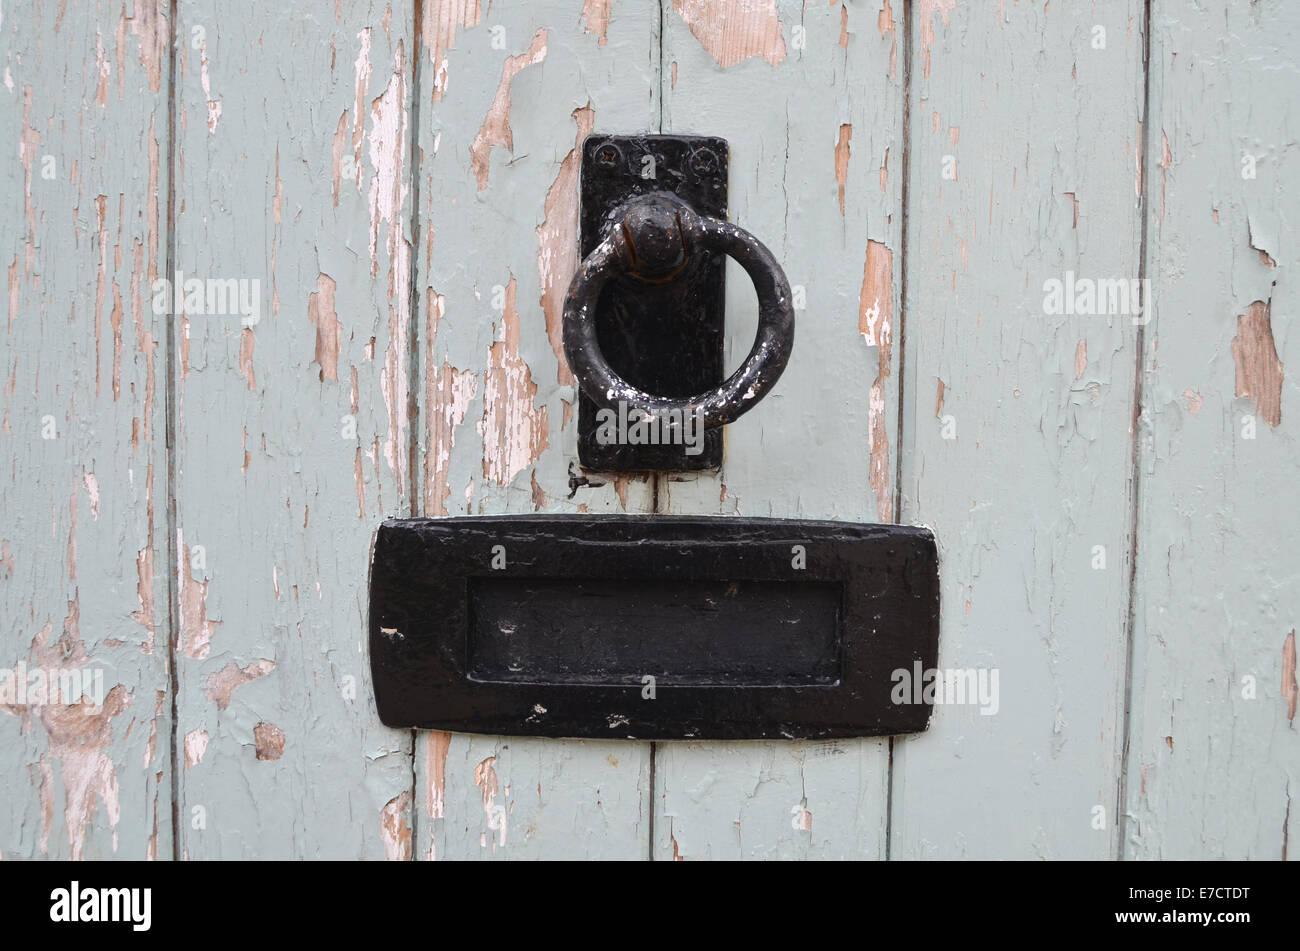 Hay pintura que pela en la puerta de la cabaña, Wiltshire, UK 2014 Imagen De Stock